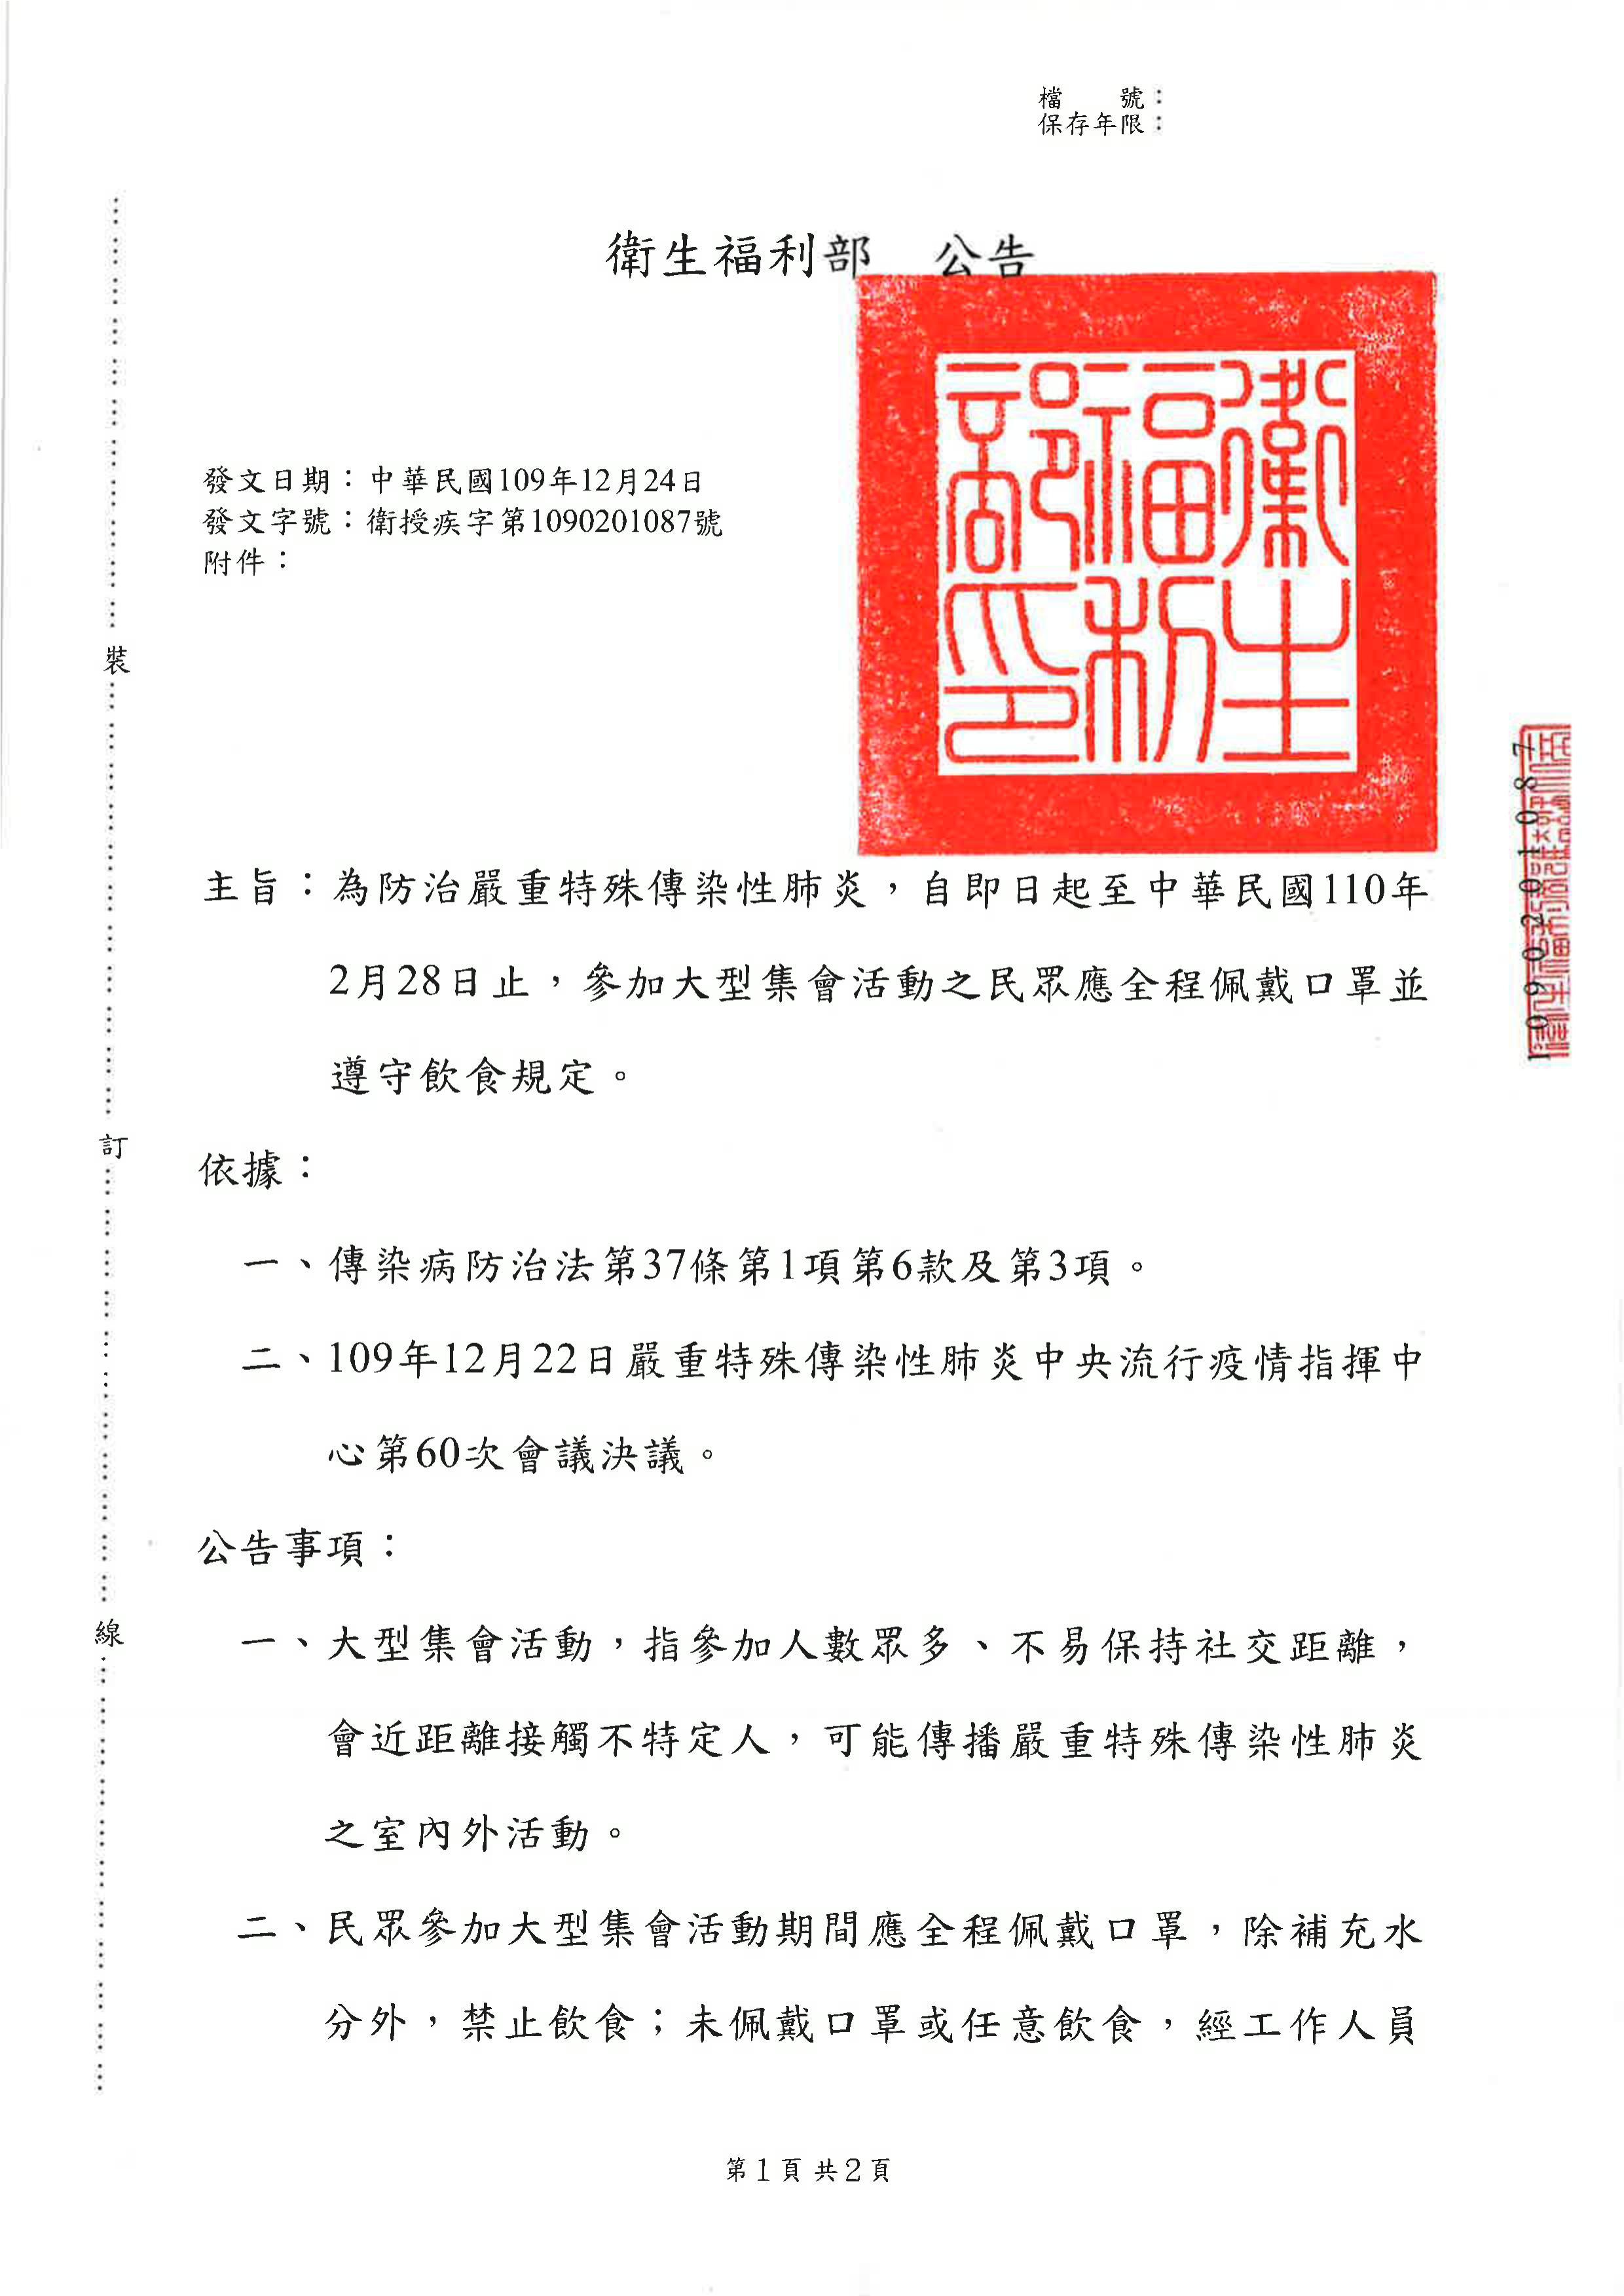 為防治嚴重特殊傳染性肺炎,自即日起至中華民國110年2月28日止,參加大型集會活動之民眾應全程佩戴口罩並遵守飲食規定。